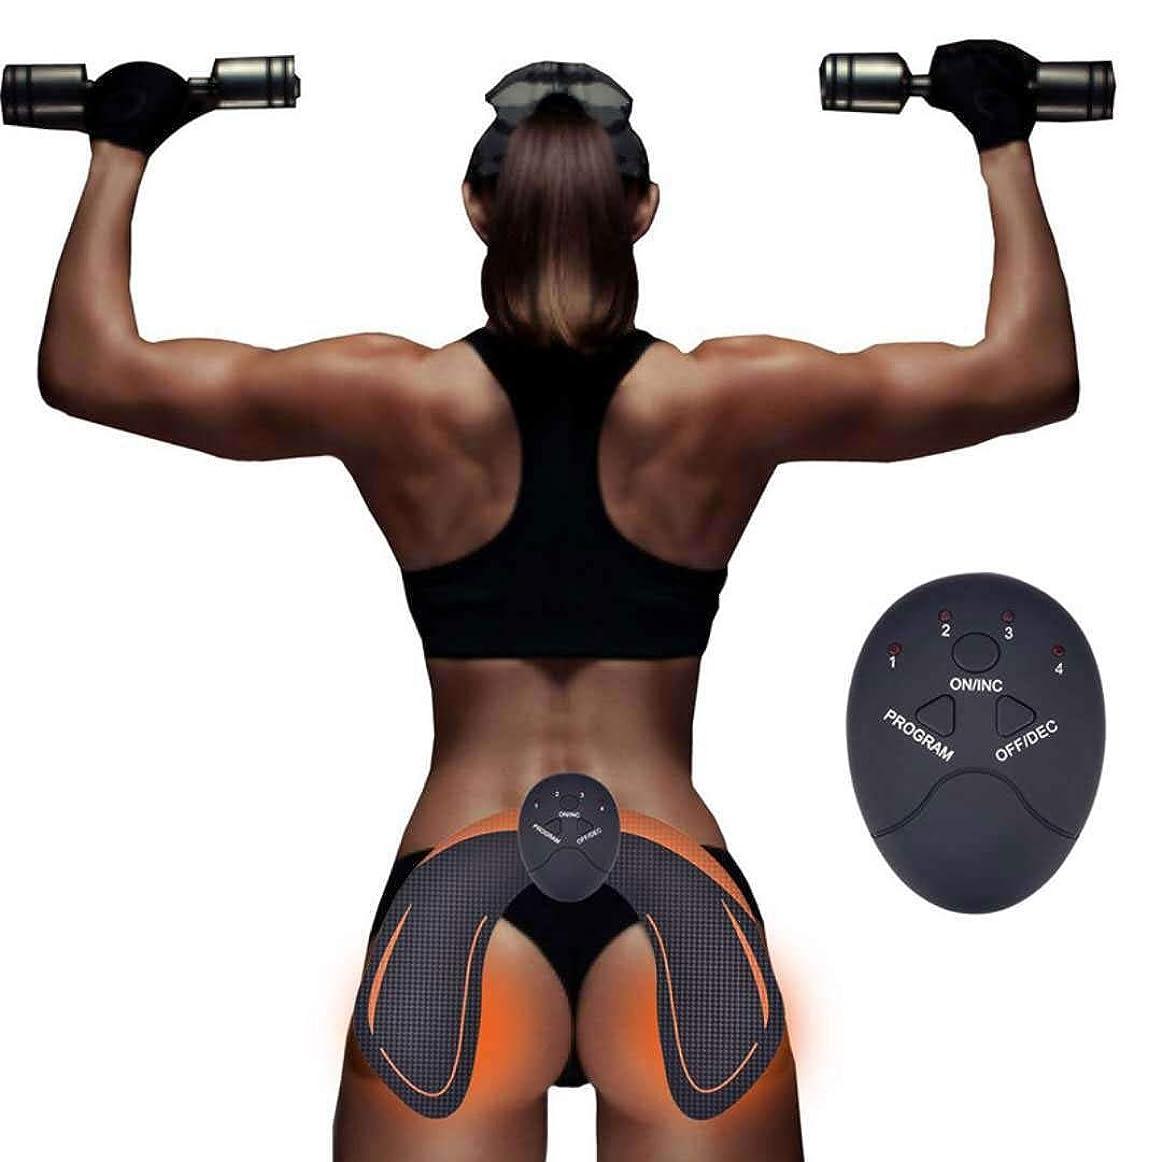 受け取る存在うんざりヒップEMS筋肉刺激装置、電子裏面筋肉トナー、男性女性用スマートウェアラブル臀部トナートレーナー、pygal痩身マシン (Size : Color box)